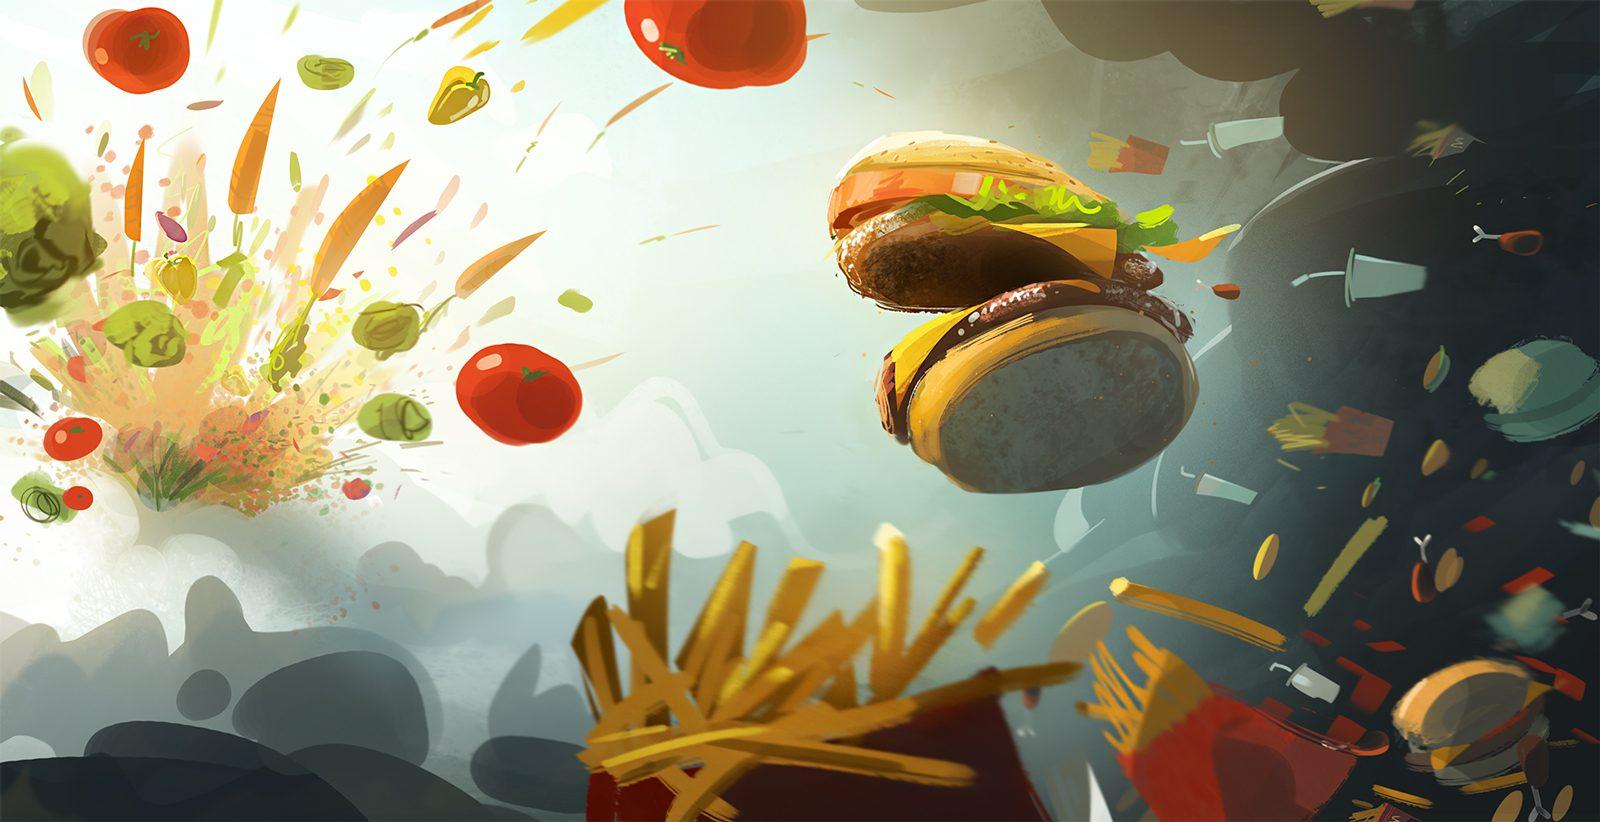 βιομηχανία fast food